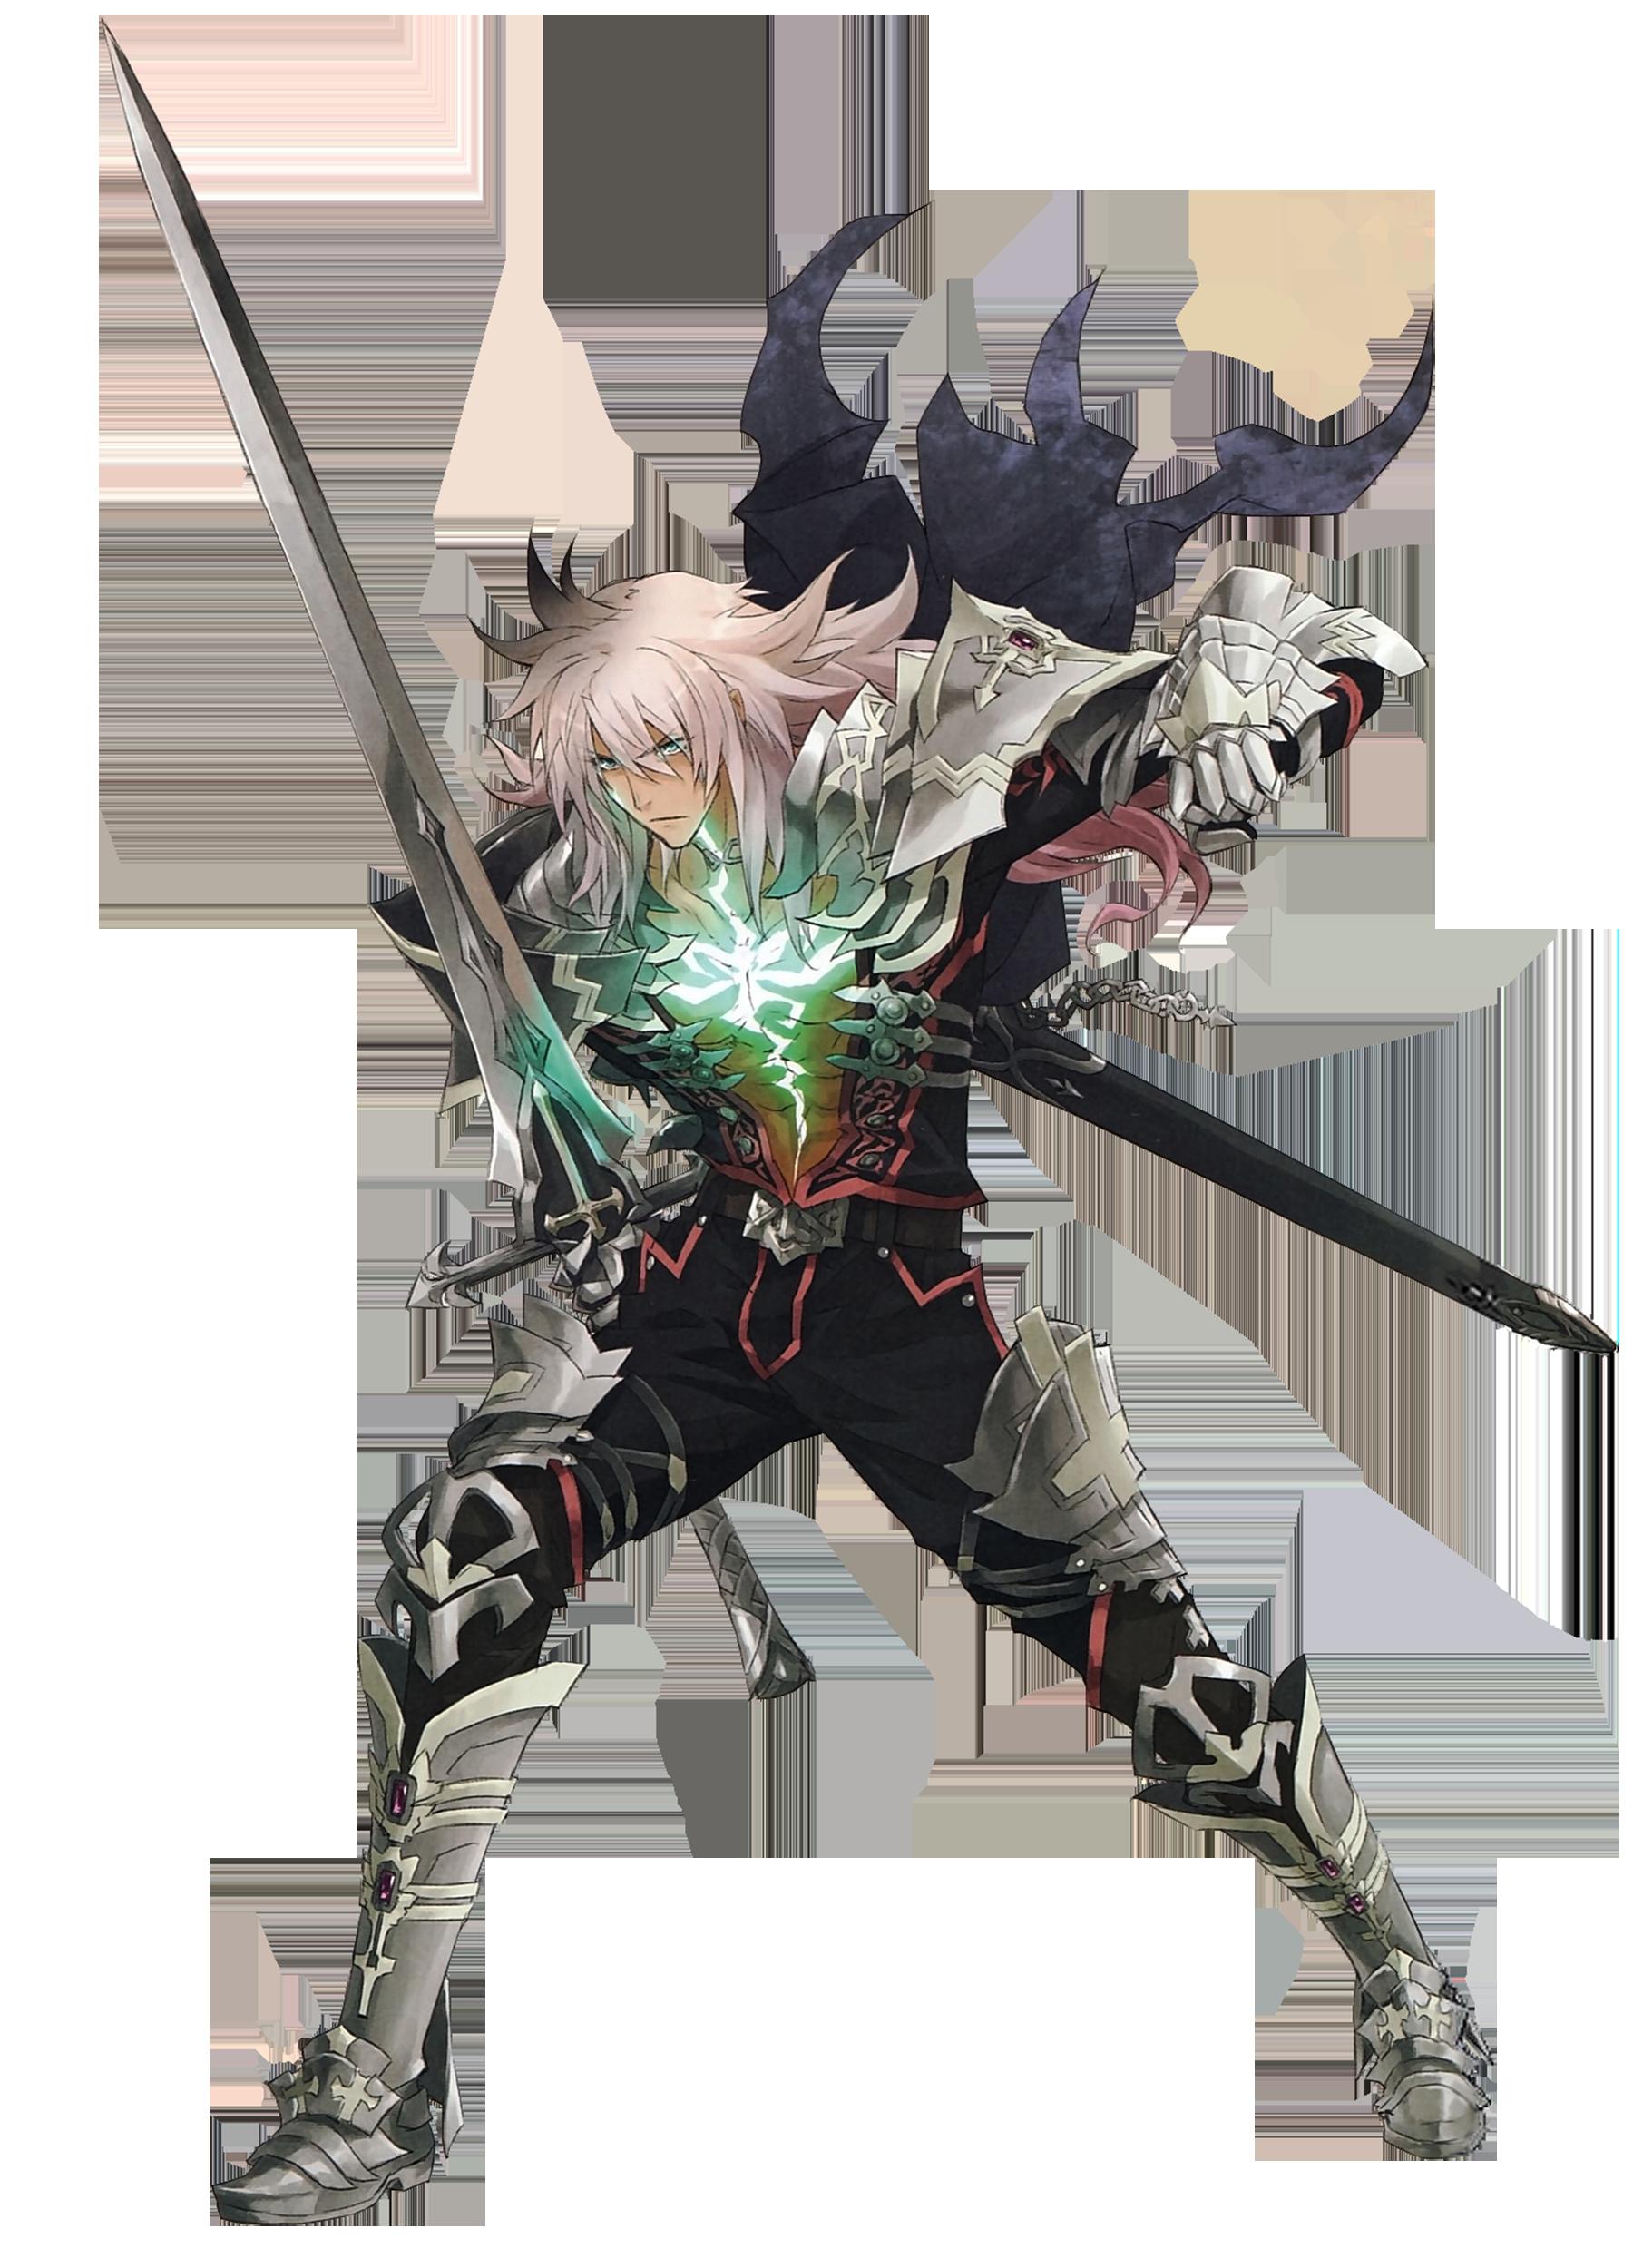 Siegfried (Fate)